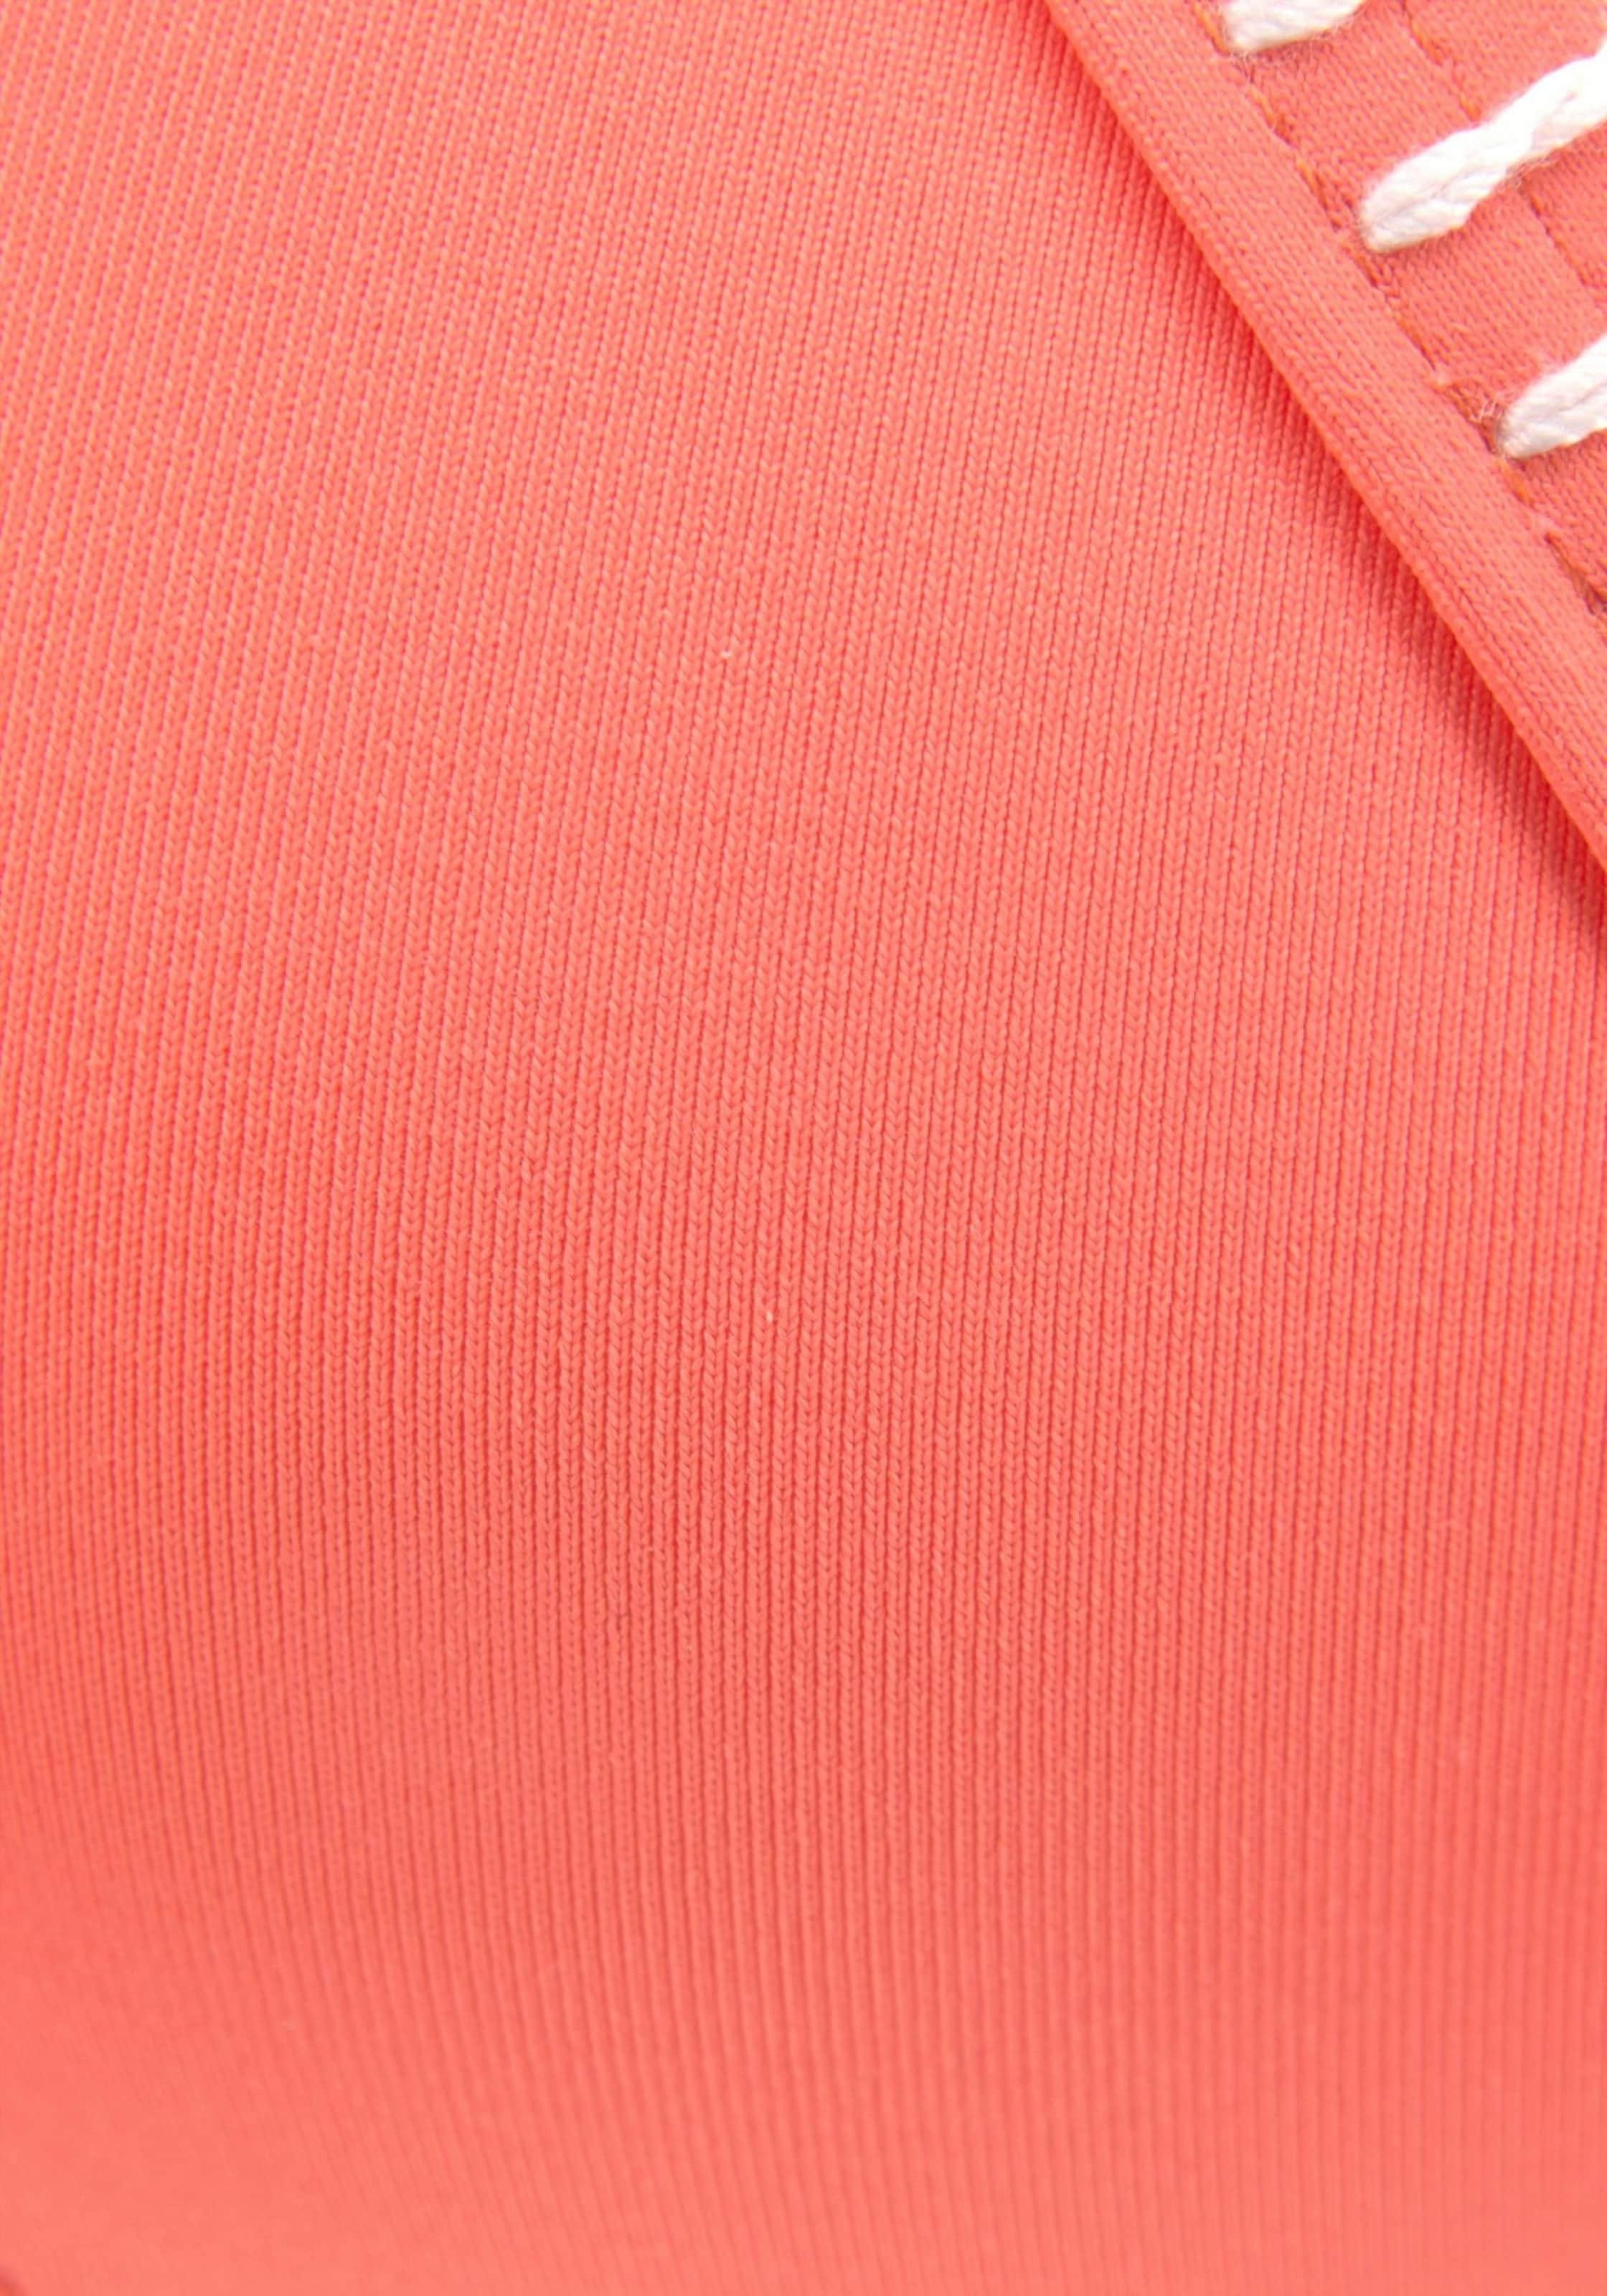 »dainty« Sunseeker top In Hummer Triangel bikini v8nwN0mO